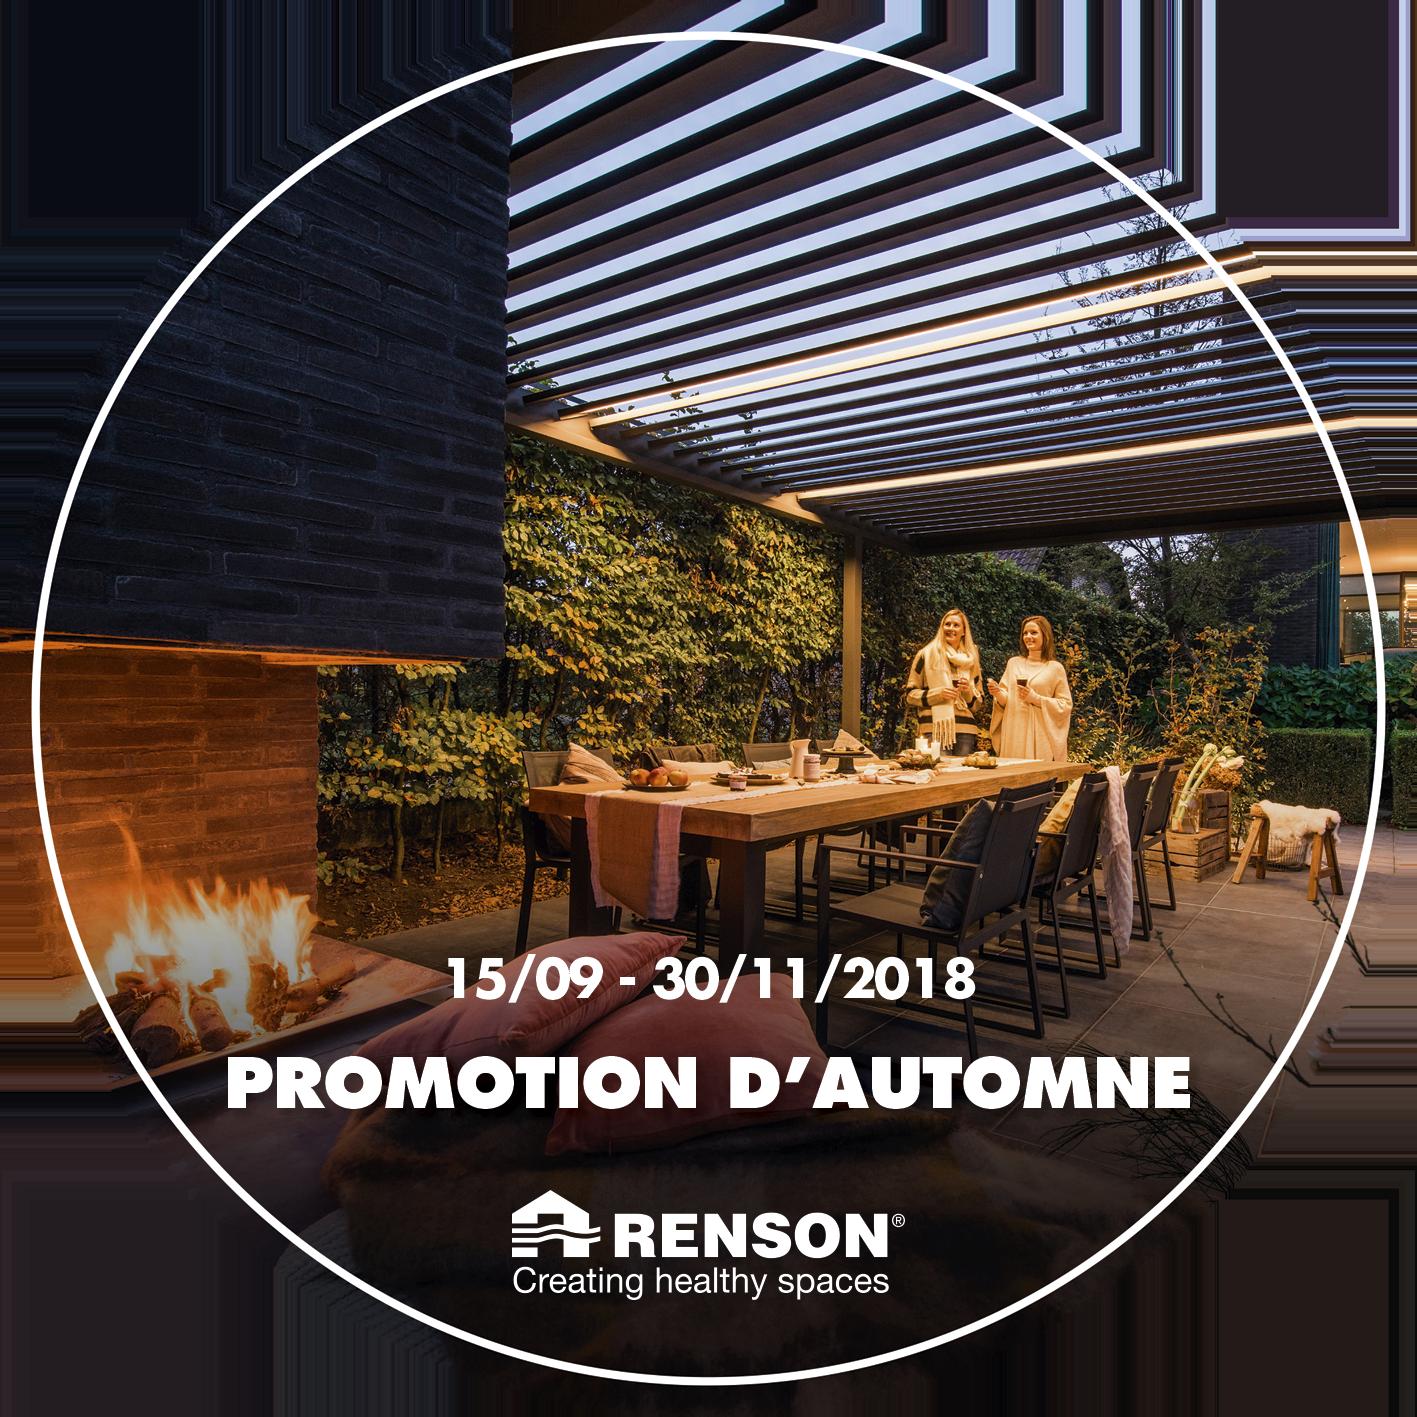 promotions d'automne RENSON